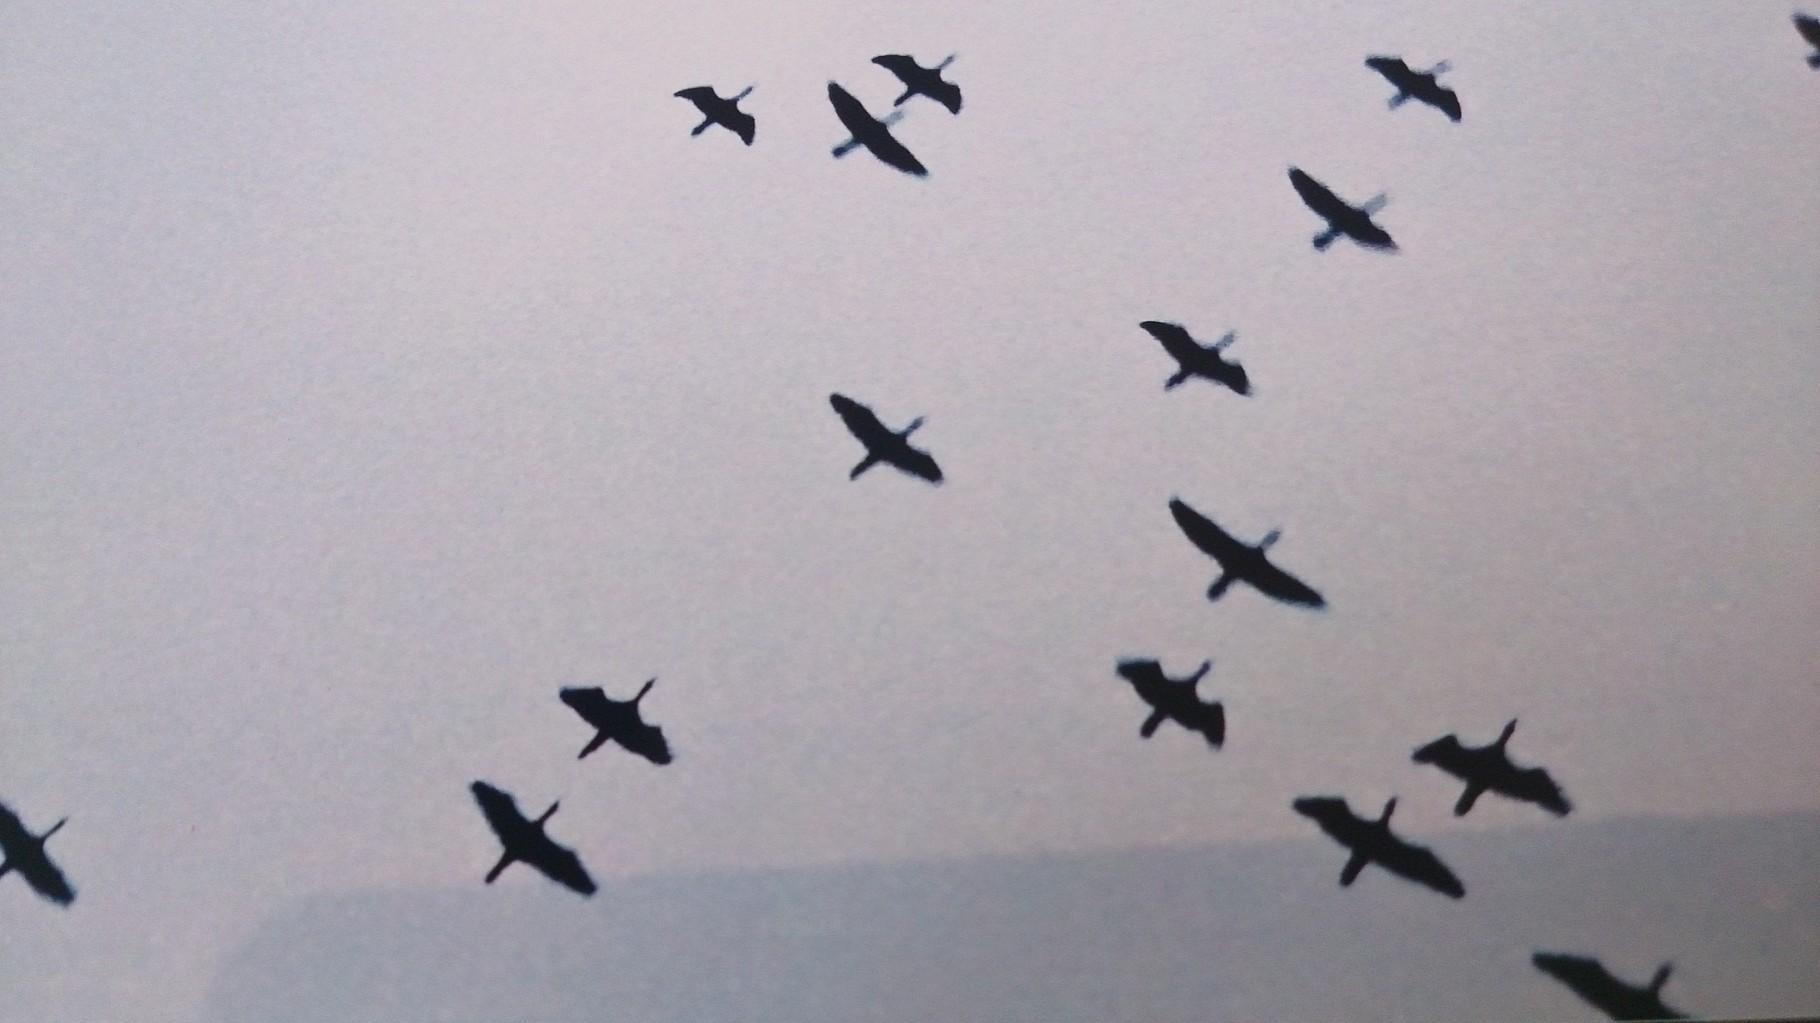 飛来するカワウの群れ